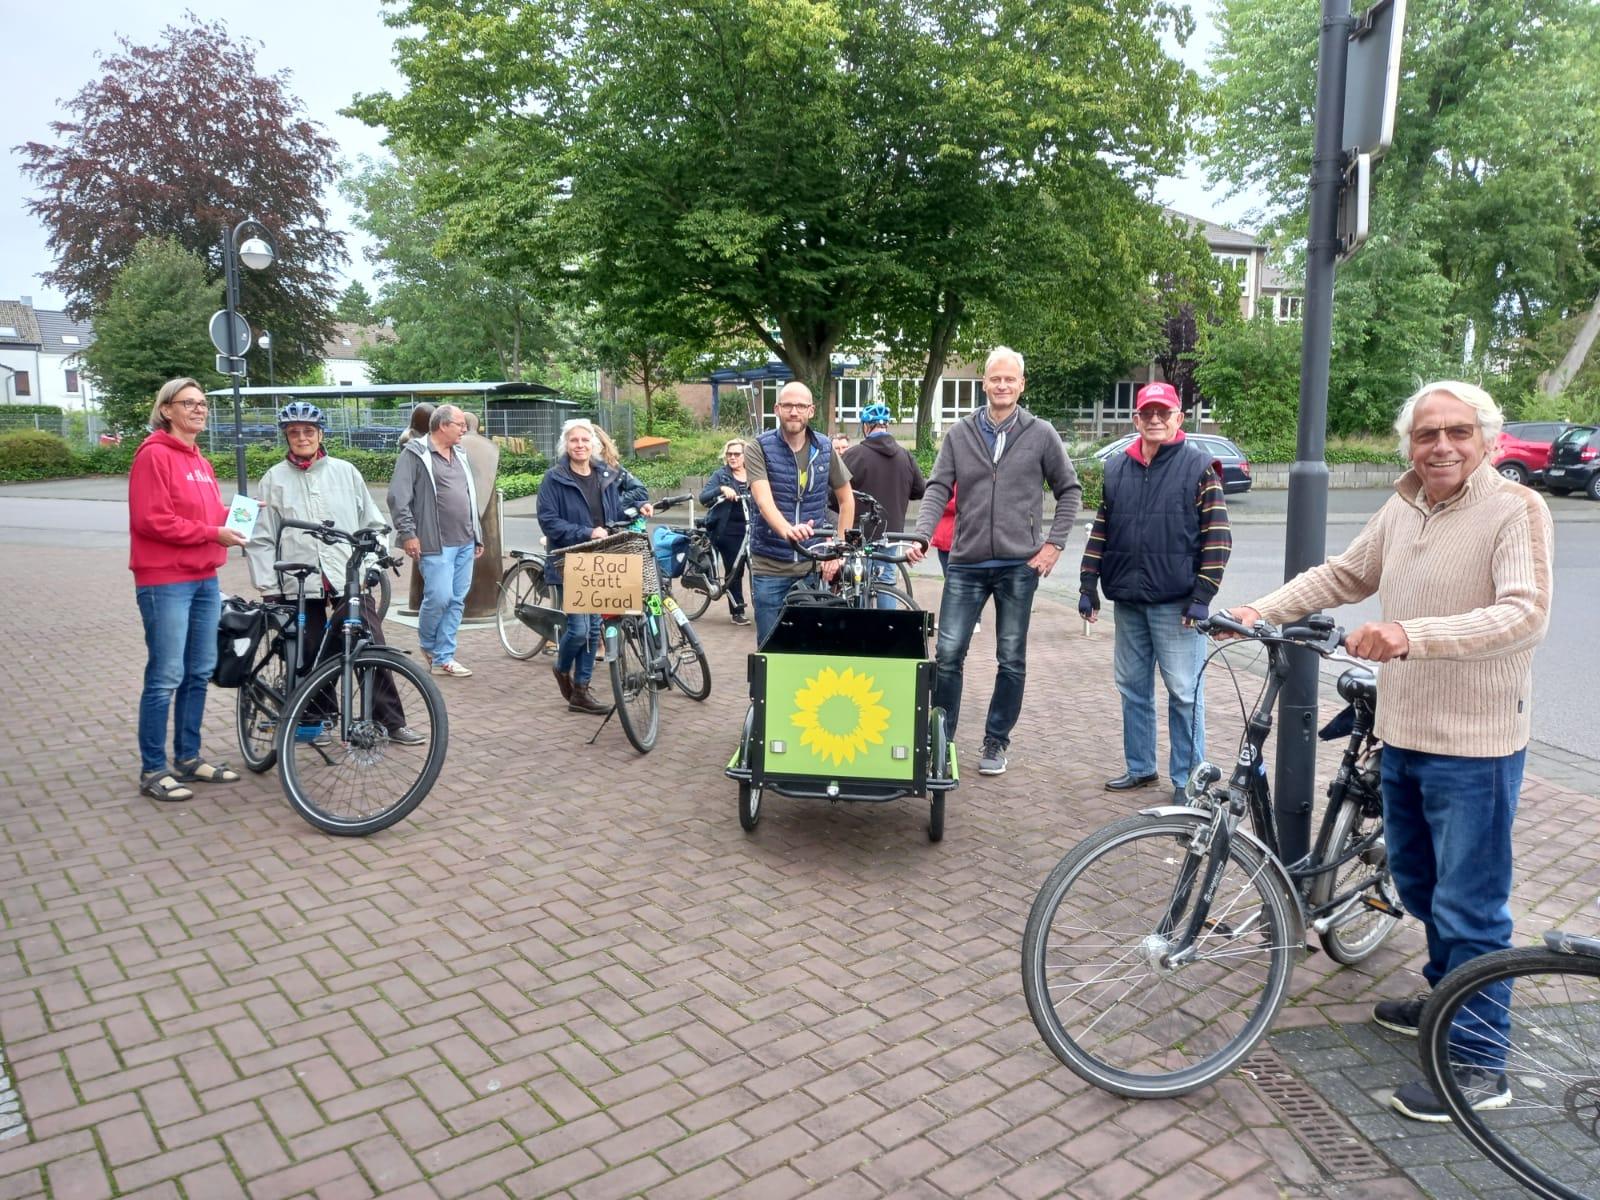 Viele Ideen für das Mobilitätskonzept auf unserer Wegedetektiv-Radtour